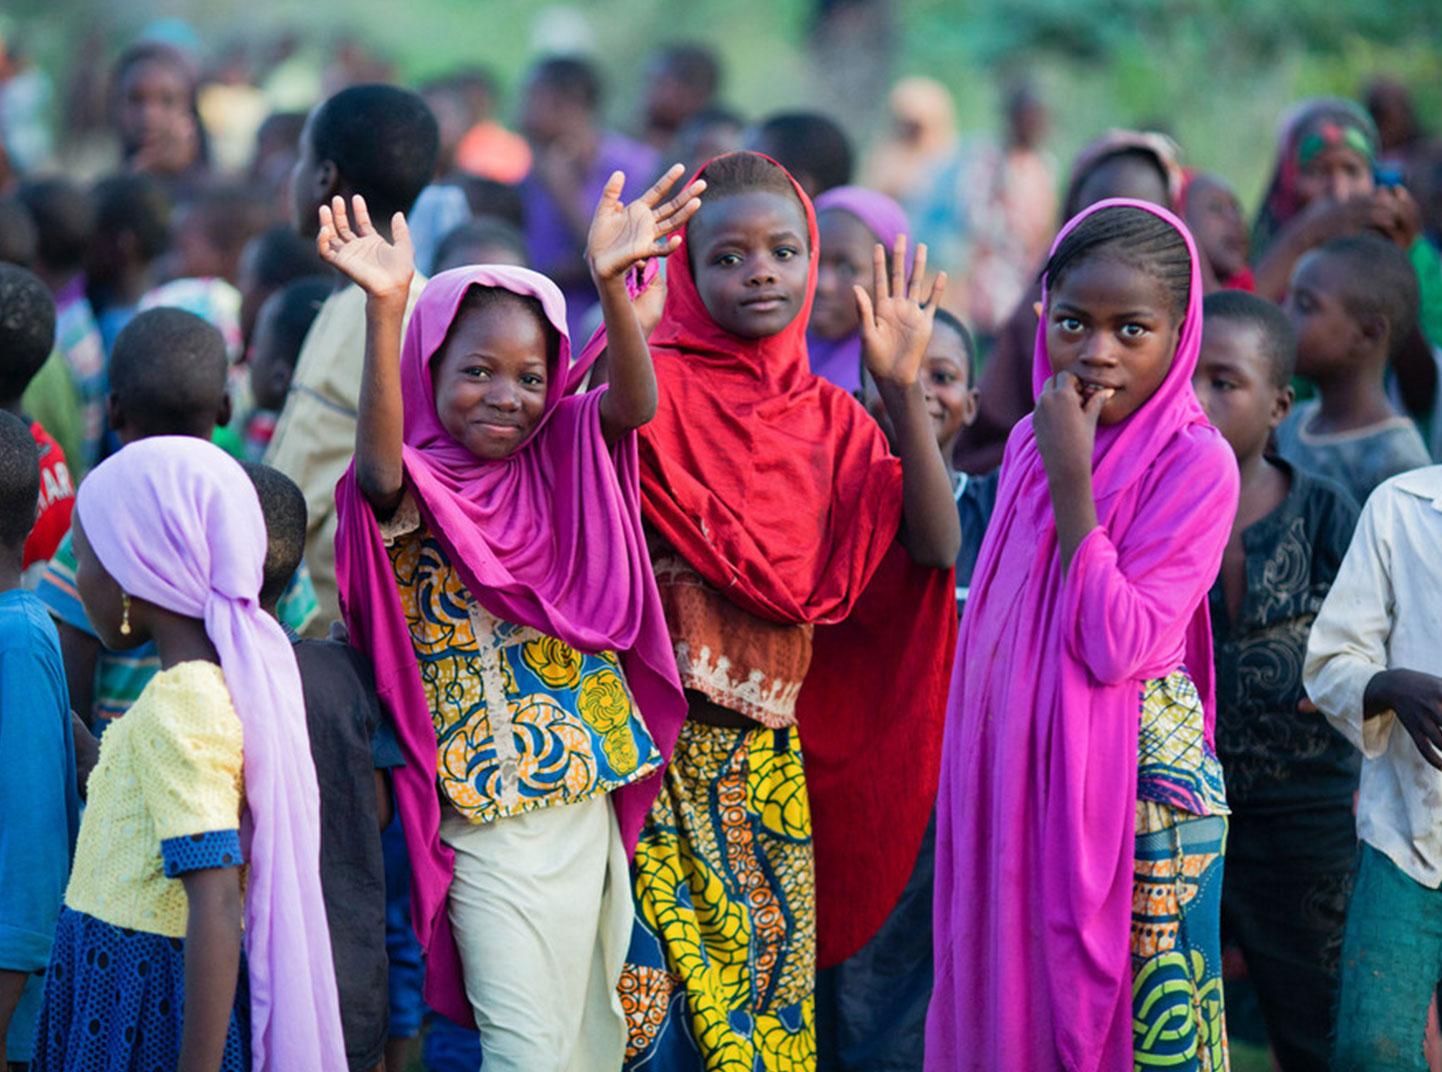 Um grupo de crianças se reúne na região do Sahel, no Níger. Três deles estão sorrindo e acenando para a câmera.